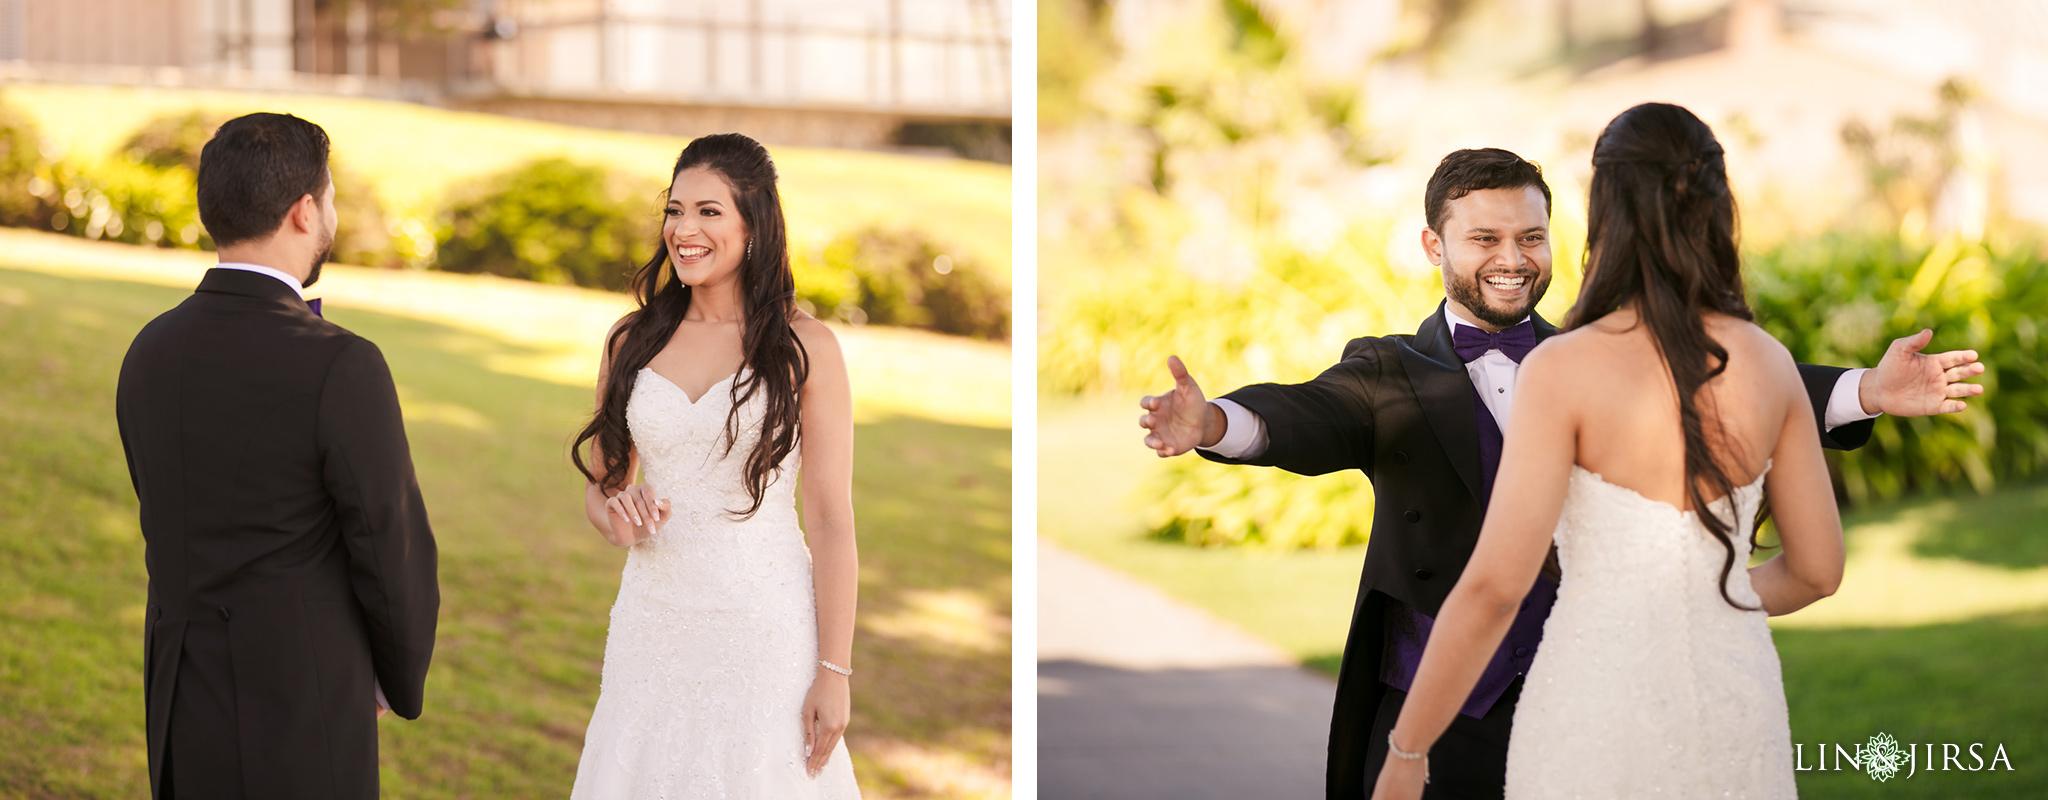 07 Los Verdes Golf Course Rancho Palos Verdes Wedding Photography